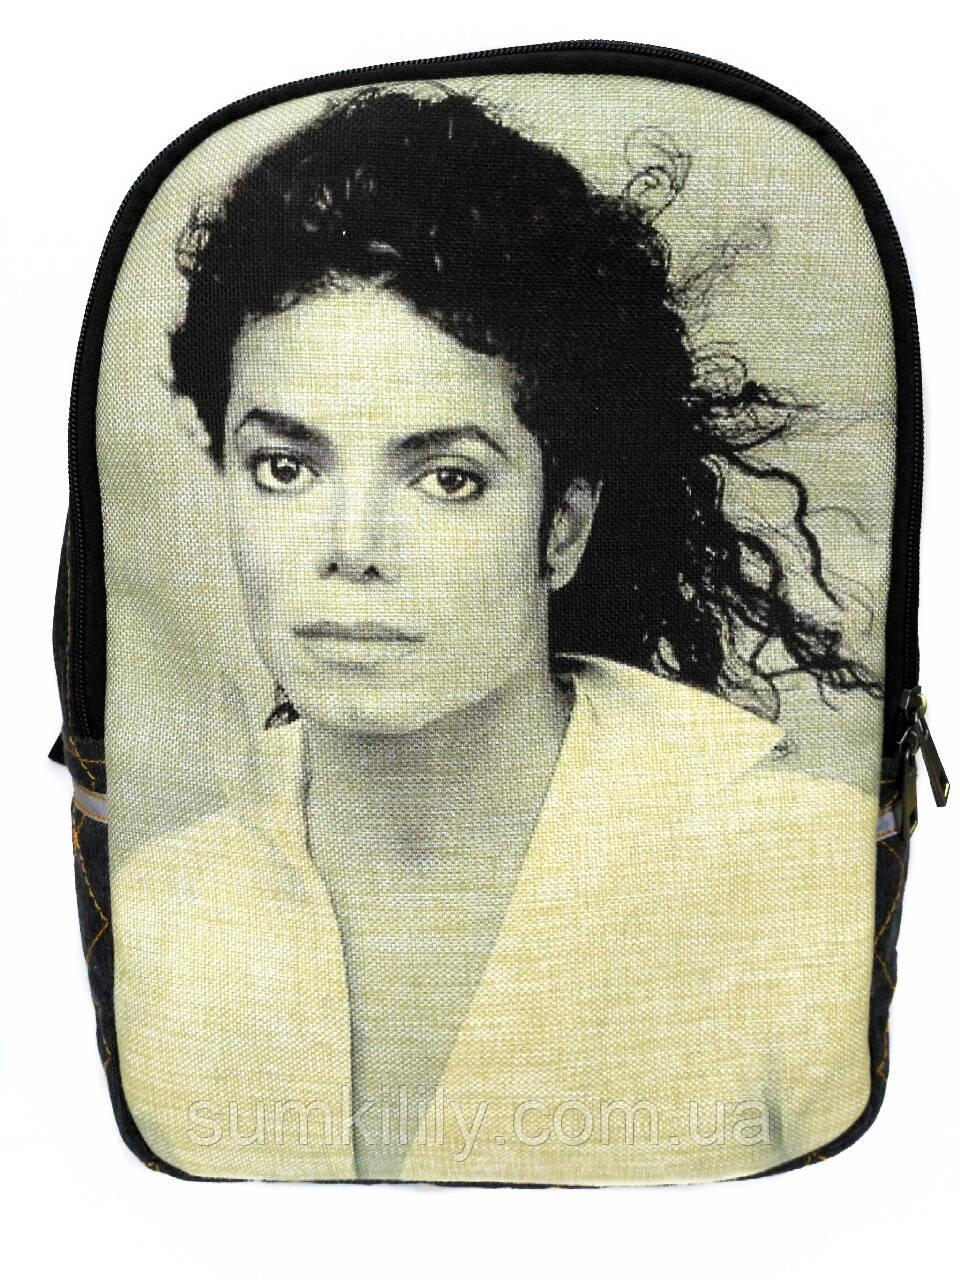 Джинсовый рюкзак Майкл Джексон 9